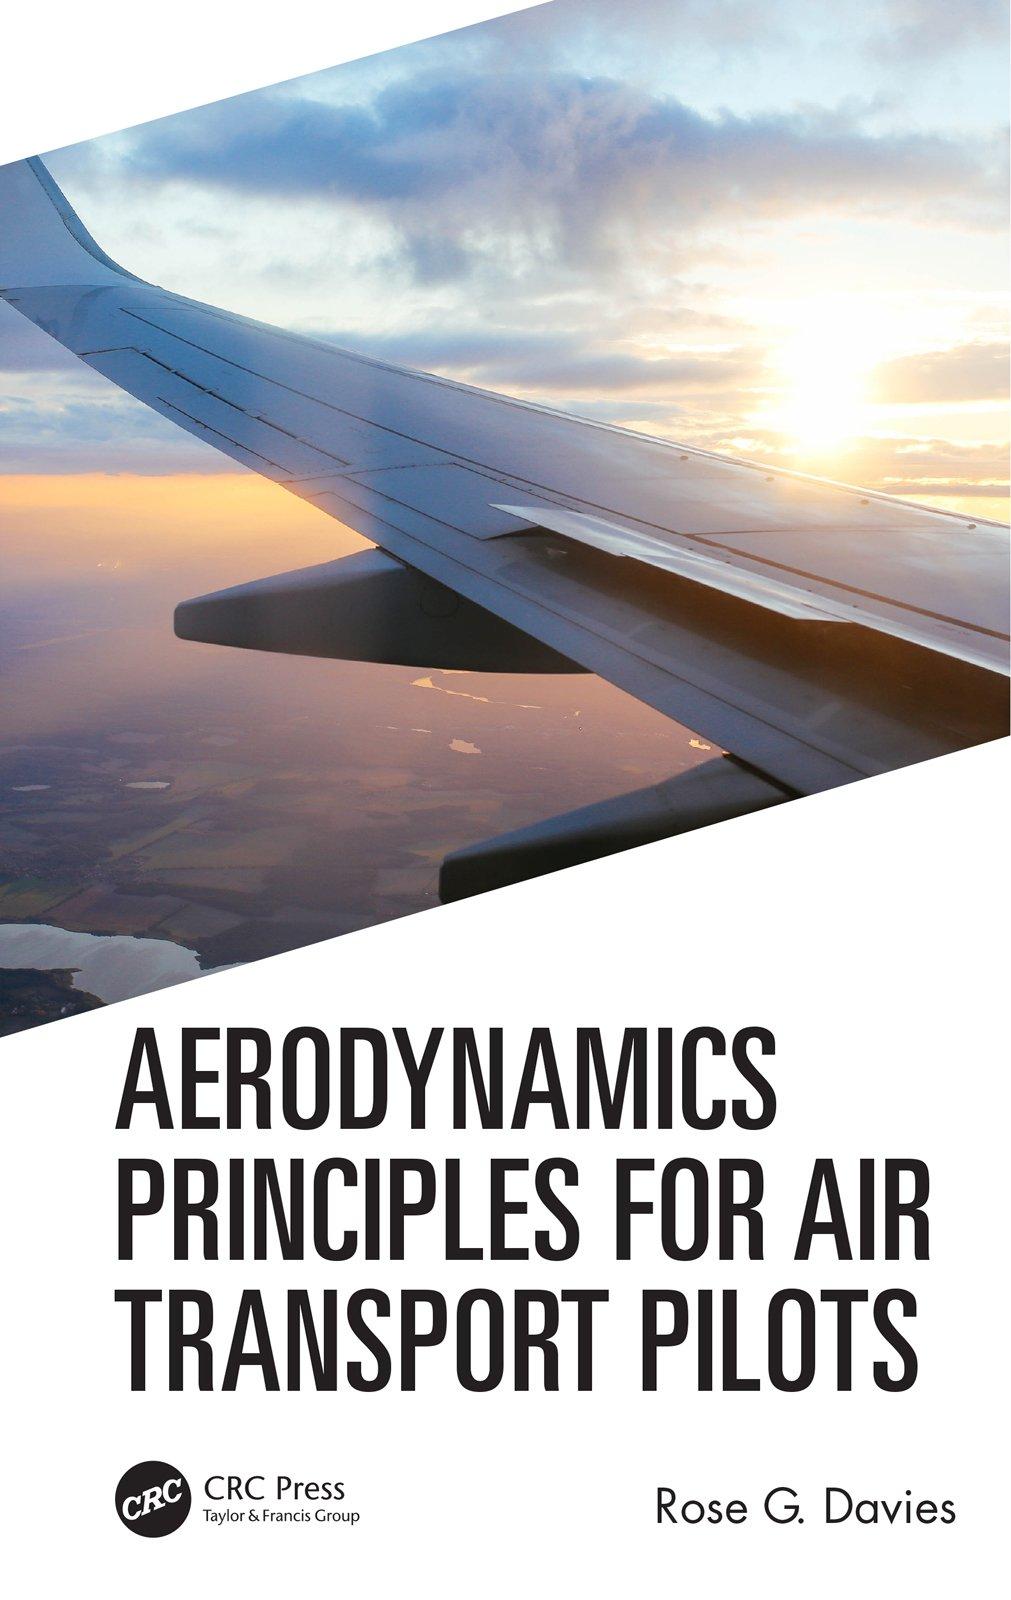 Aerodynamics Principles for Air Transport Pilots book cover